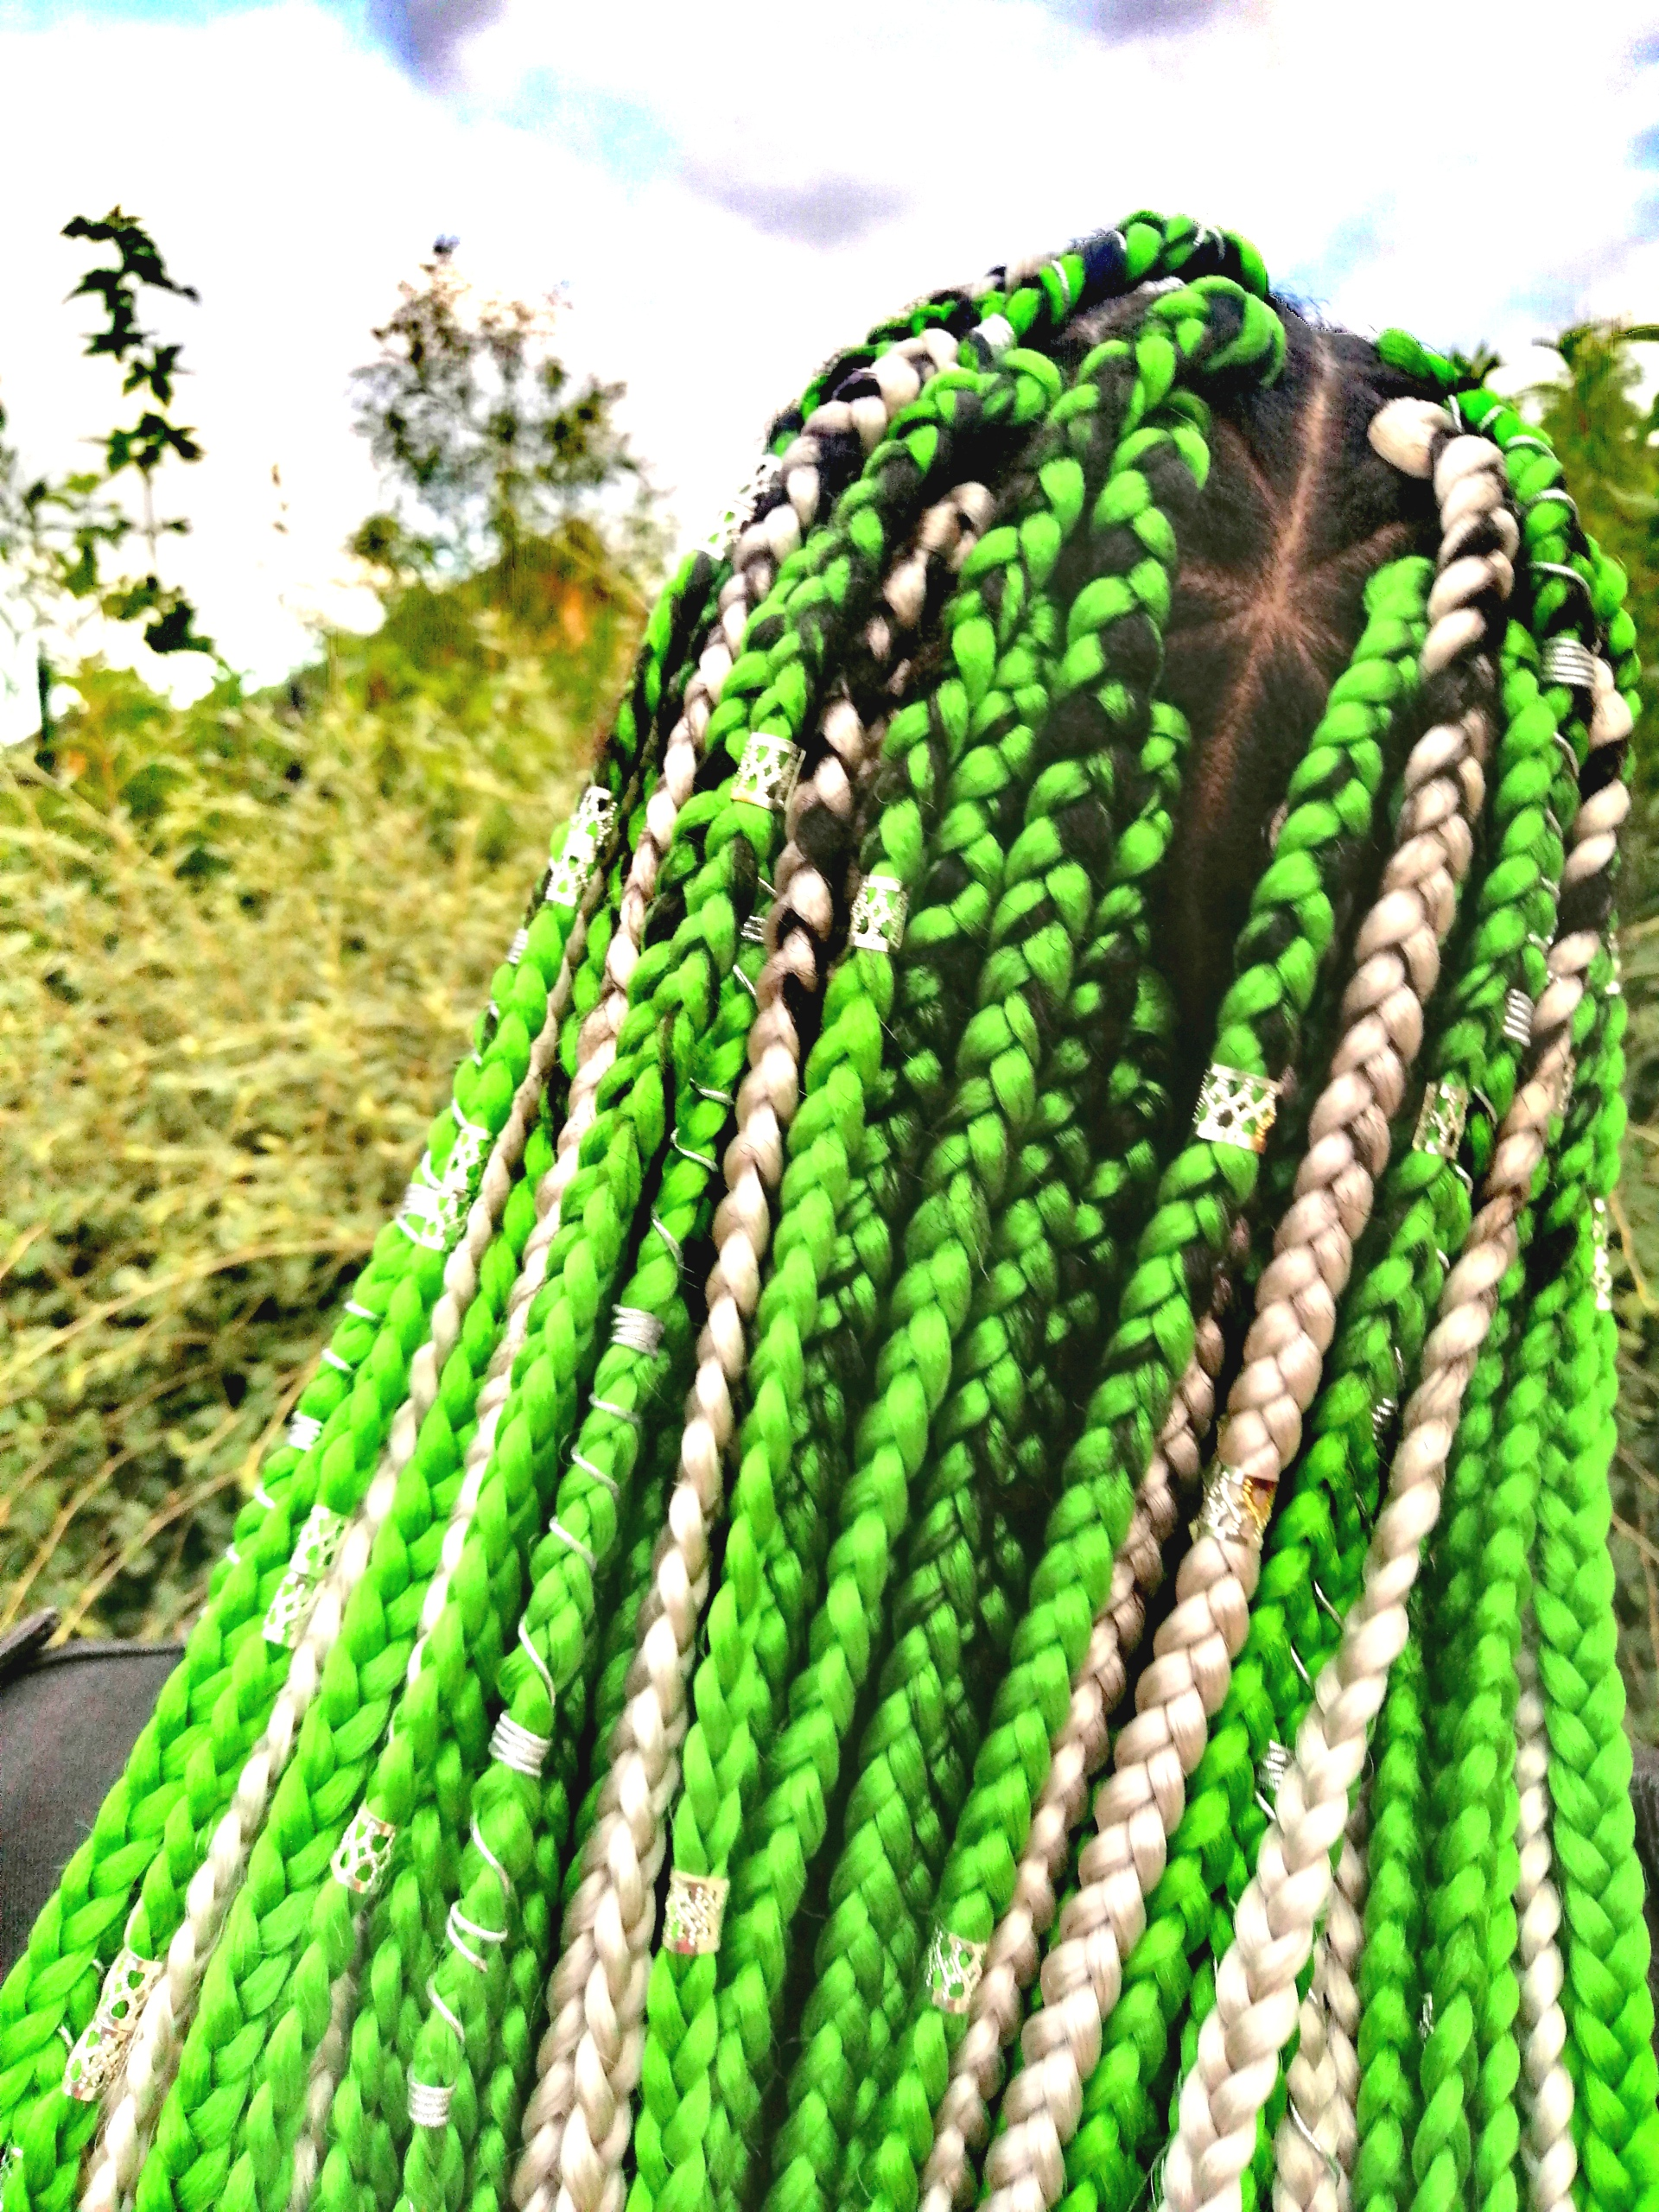 salon de coiffure afro tresse tresses box braids crochet braids vanilles tissages paris 75 77 78 91 92 93 94 95 FKHFDAOH